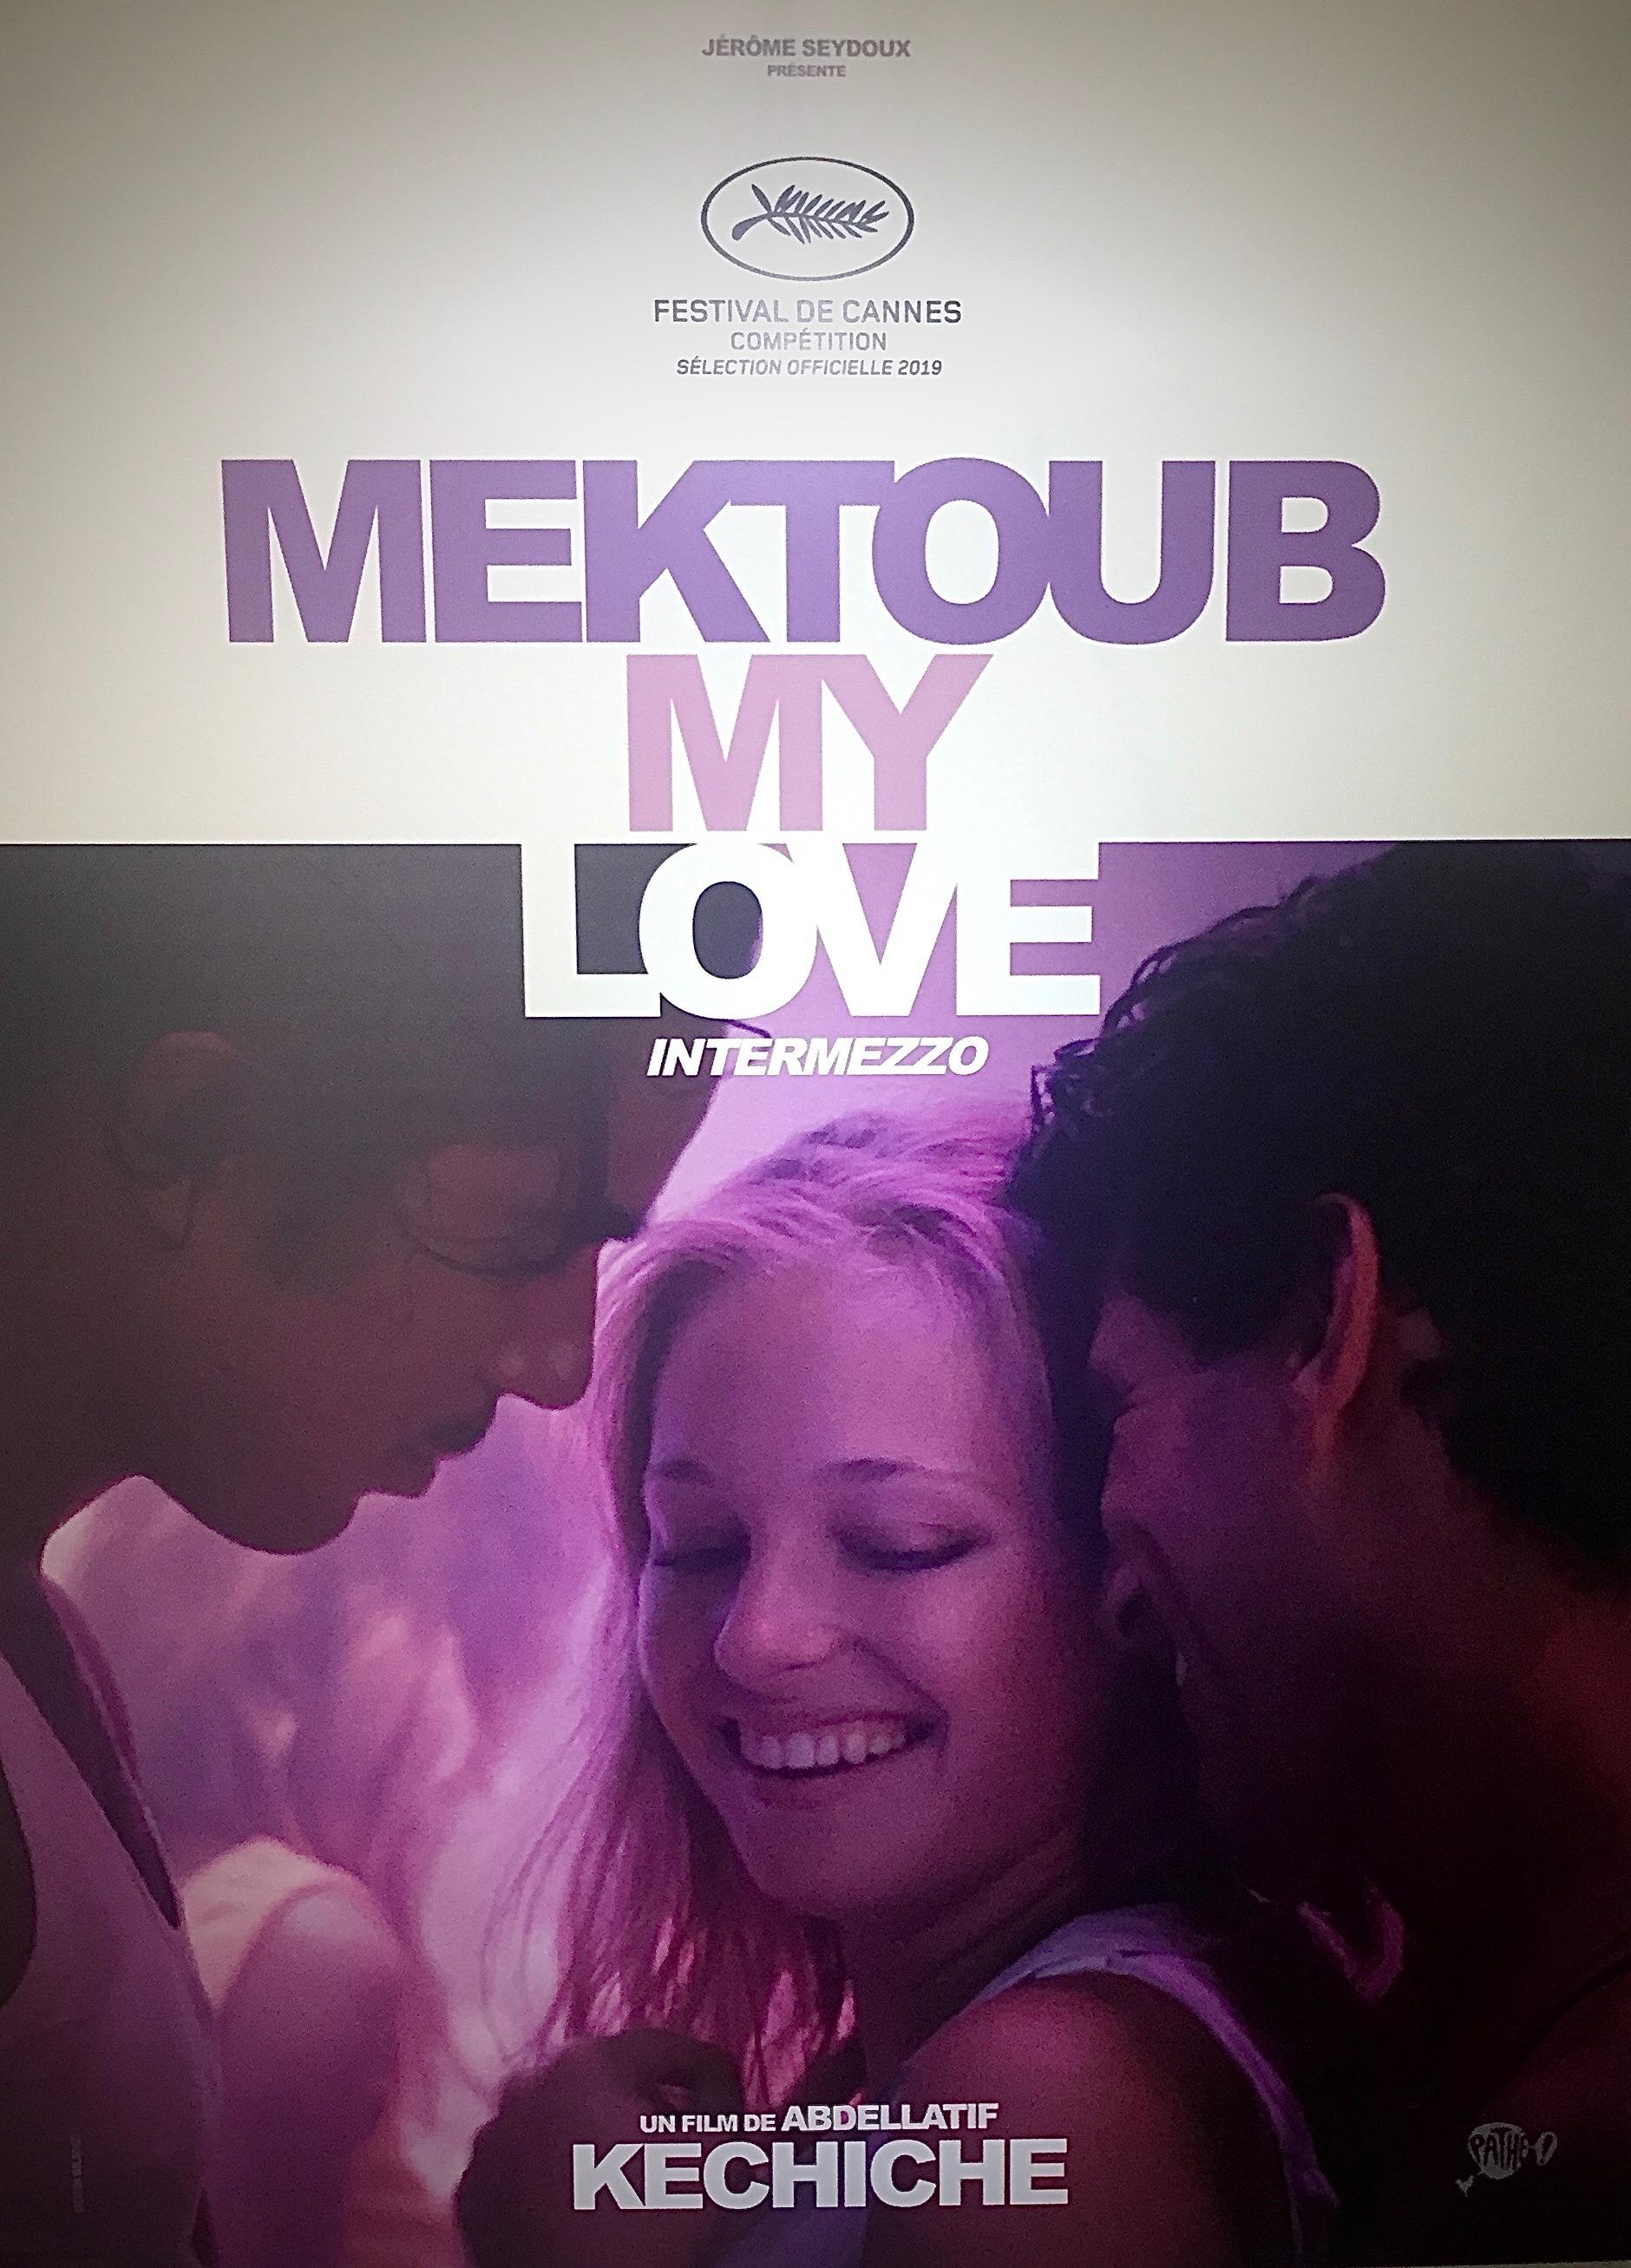 Mektoub My Love Intermezzo Streaming : mektoub, intermezzo, streaming, Mektoub,, Love:, Intermezzo, Where, Watch